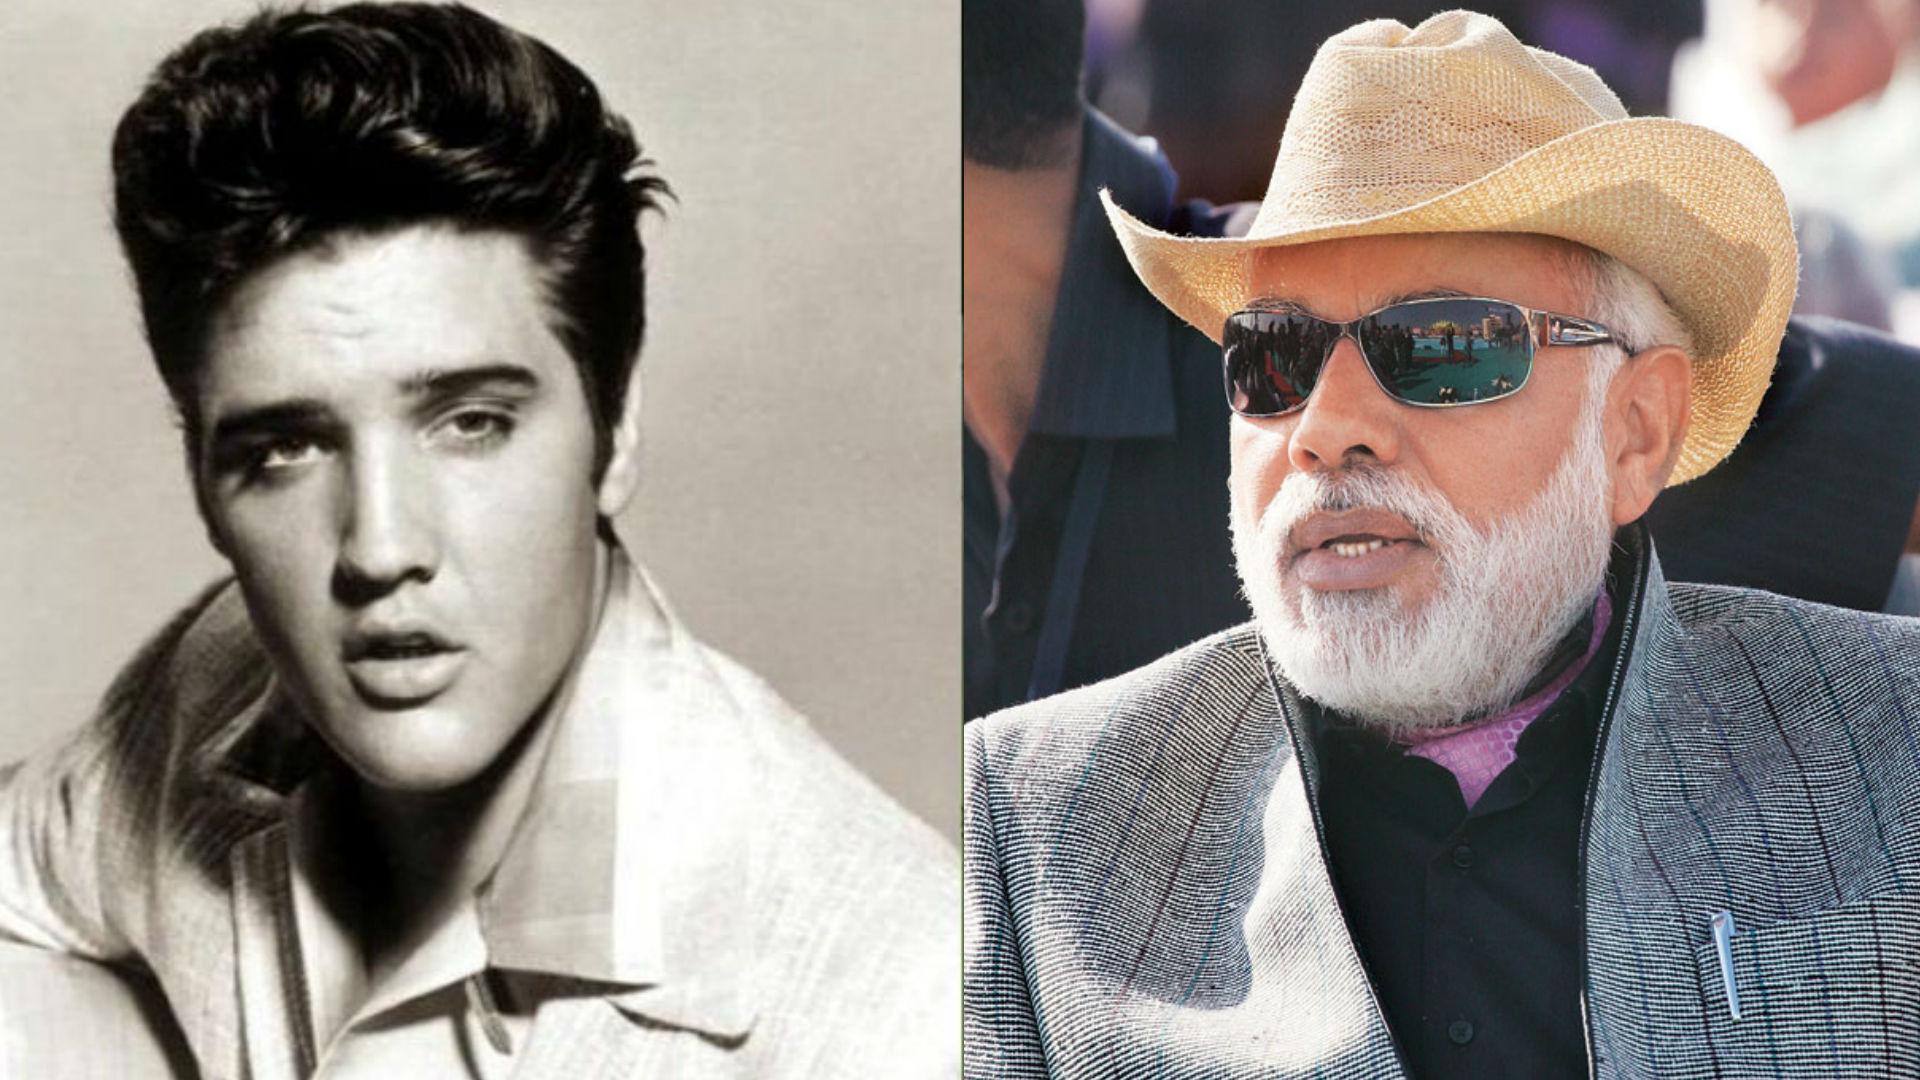 डोनाल्ड ट्रंप ने एल्विस प्रेसली से की पीएम नरेंद्र मोदी की तुलना, भारतीय Google से पूछ रहे- कौन है ये रॉकस्टार